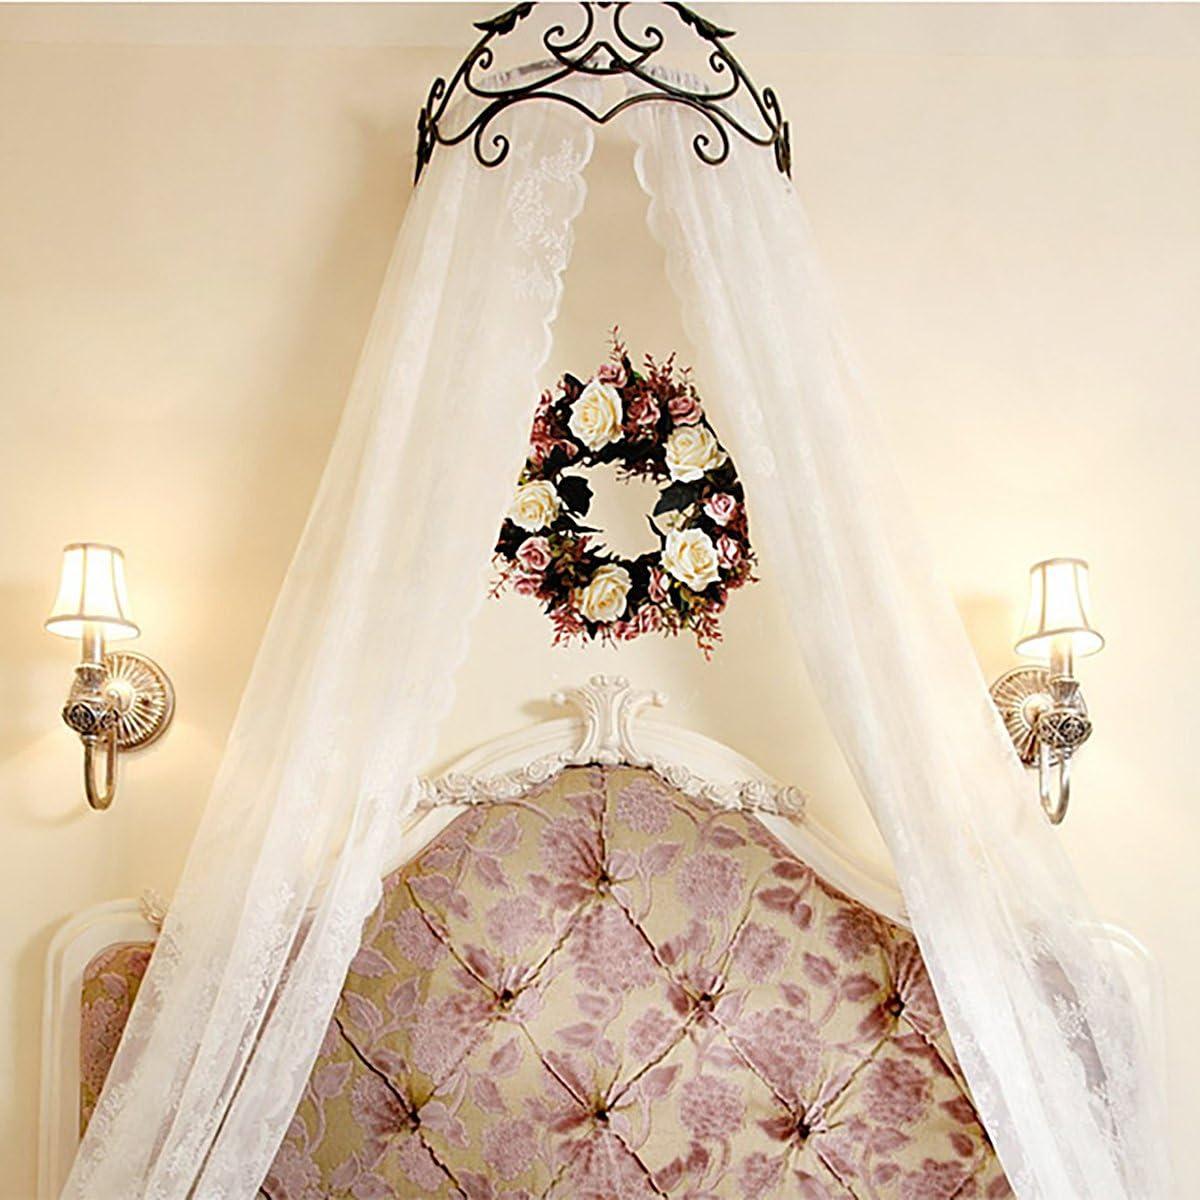 P/âques 35 cm l/ét/é Supreme glory Couronne d/écorative pour porte fabriqu/ée /à la main Couronne de fleurs artificielles pour le printemps